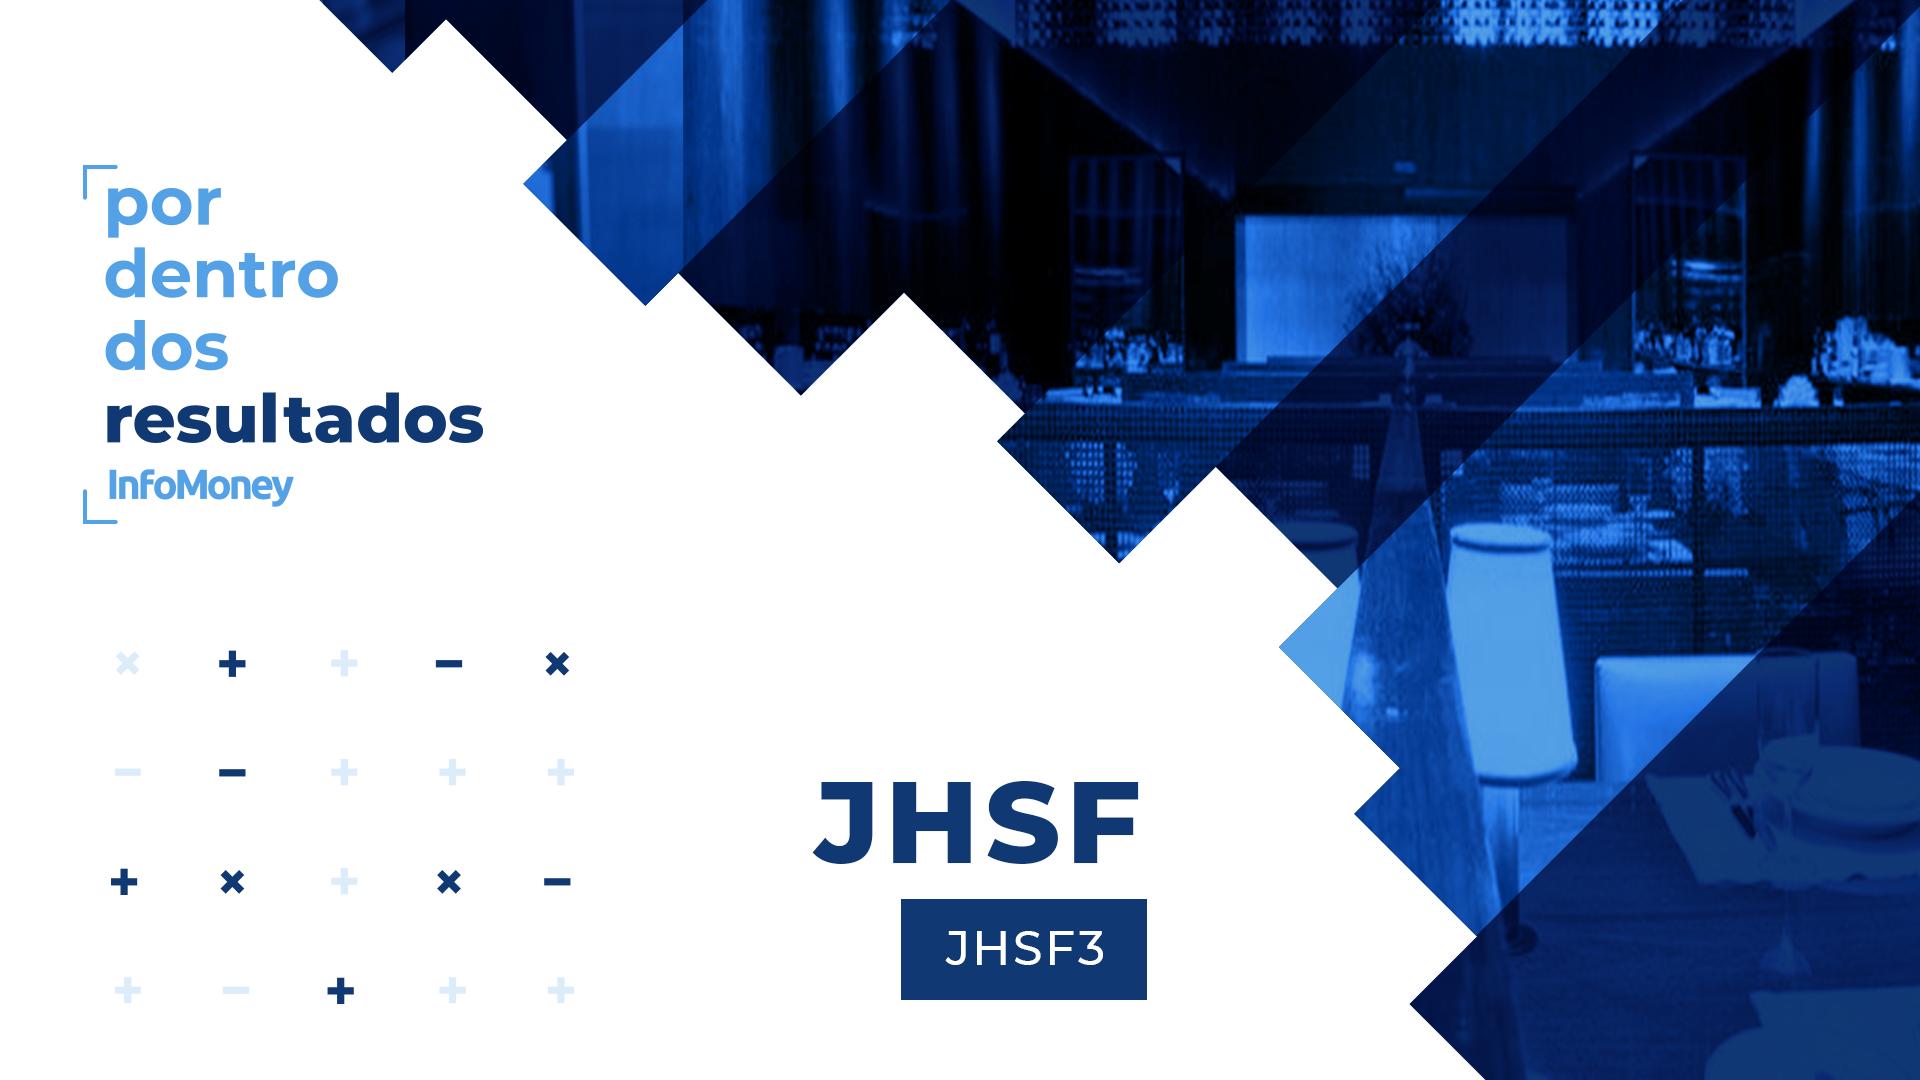 Lucro da JHSF salta 5.000% e CEO vê próximos trimestres ainda melhores, com mais dividendos aos acionistas thumbnail